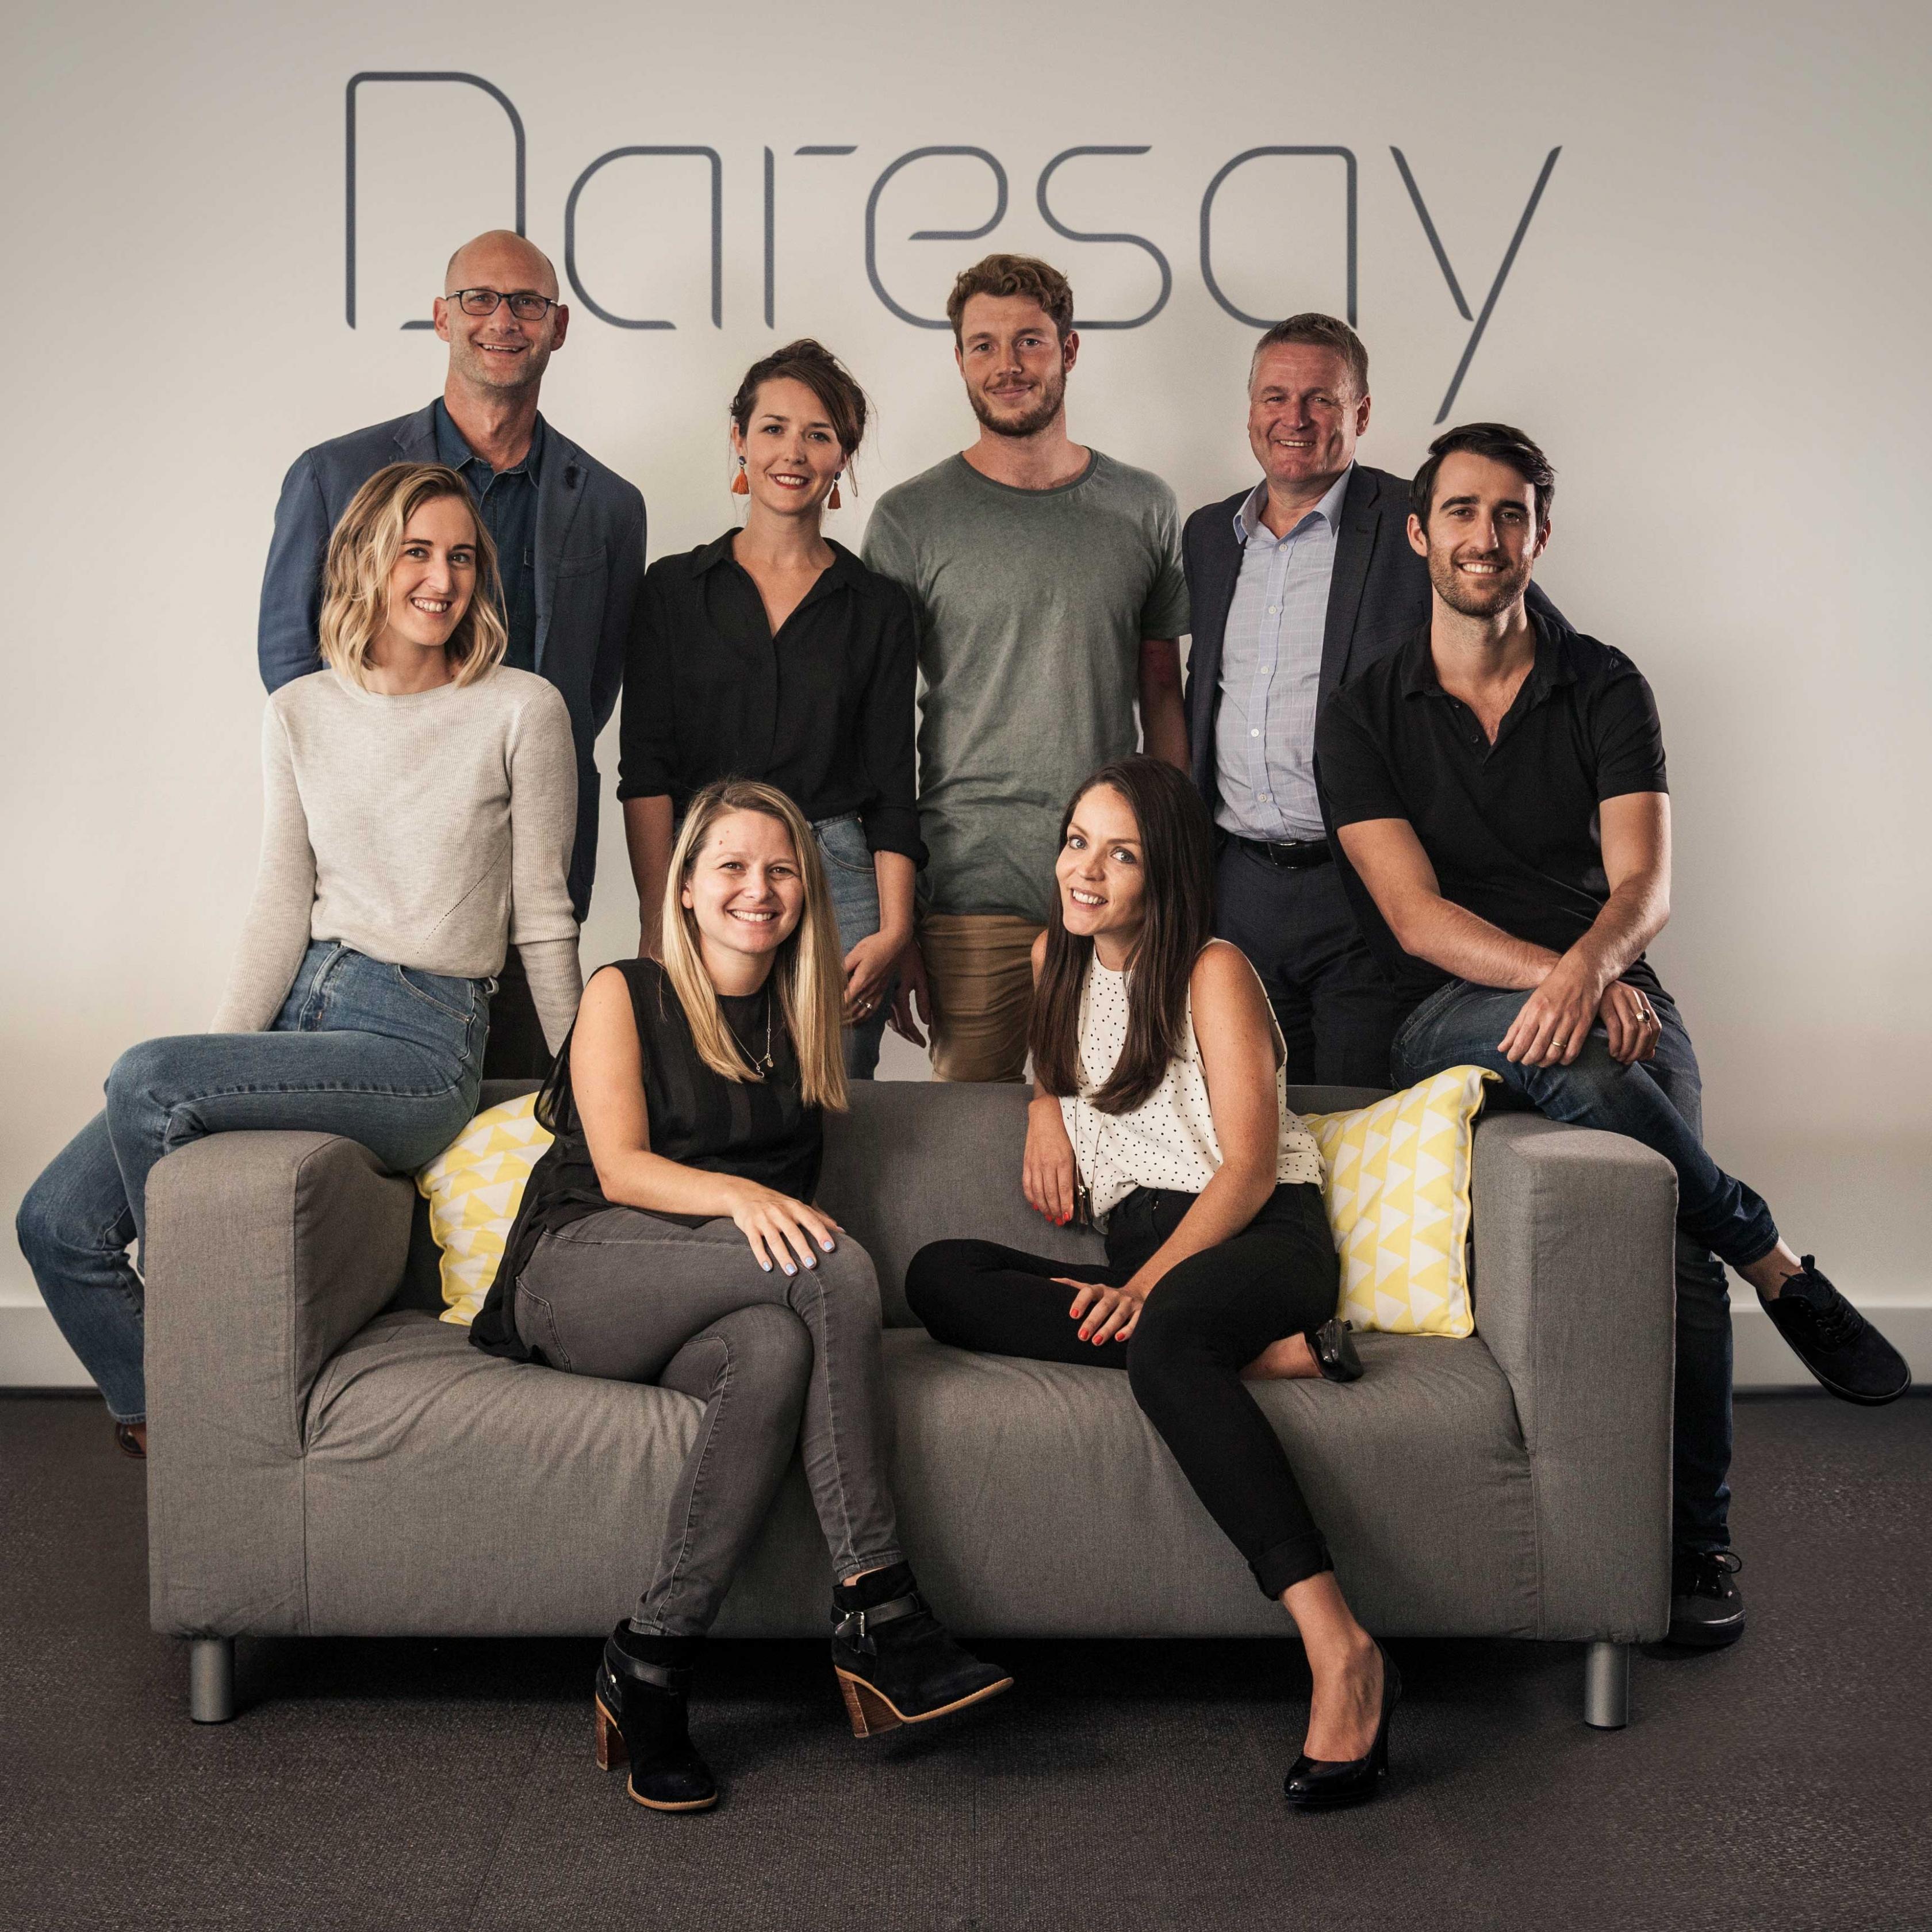 Daresay